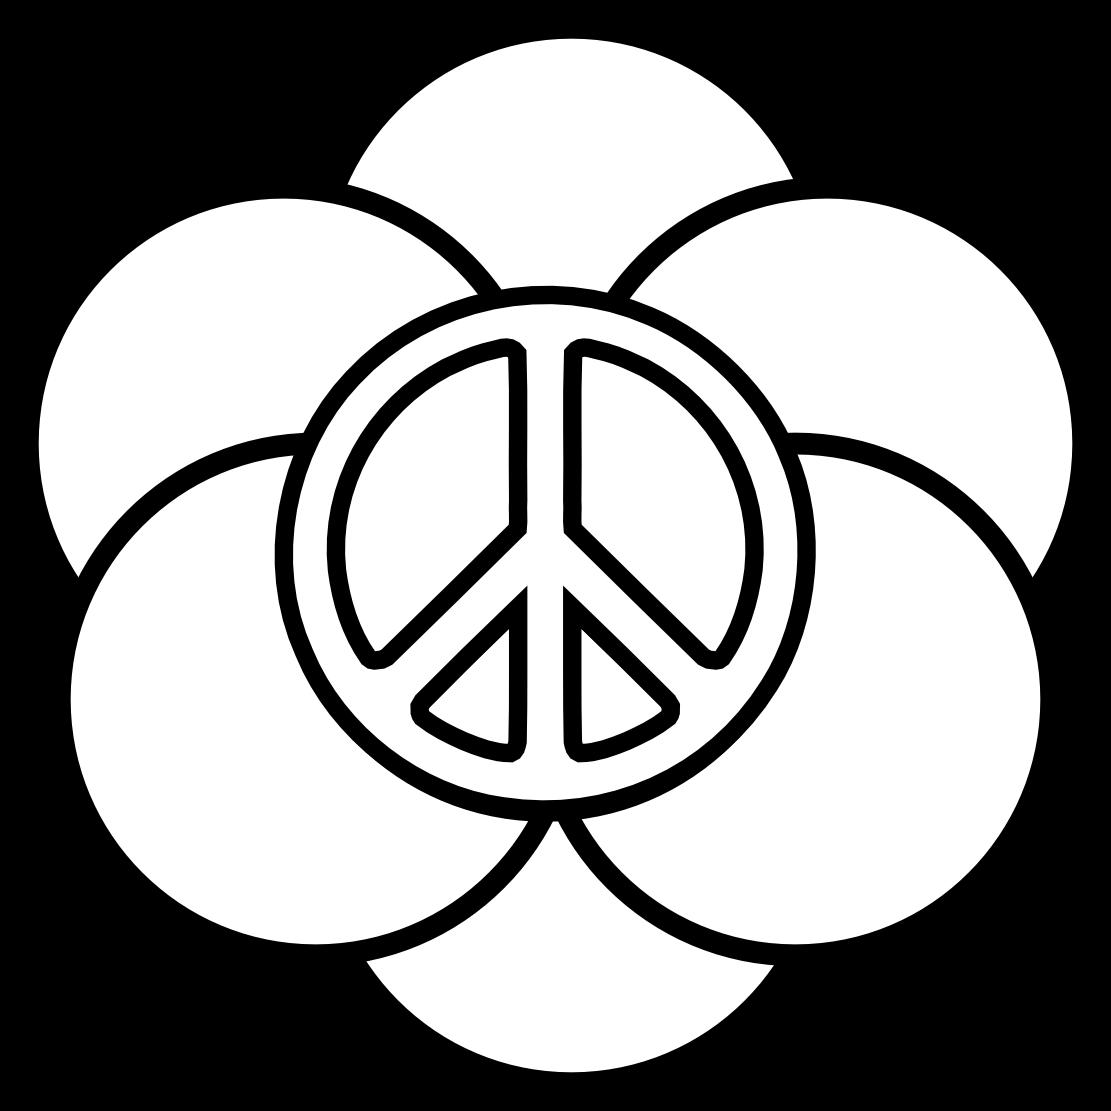 els petits infants  dia de la pau